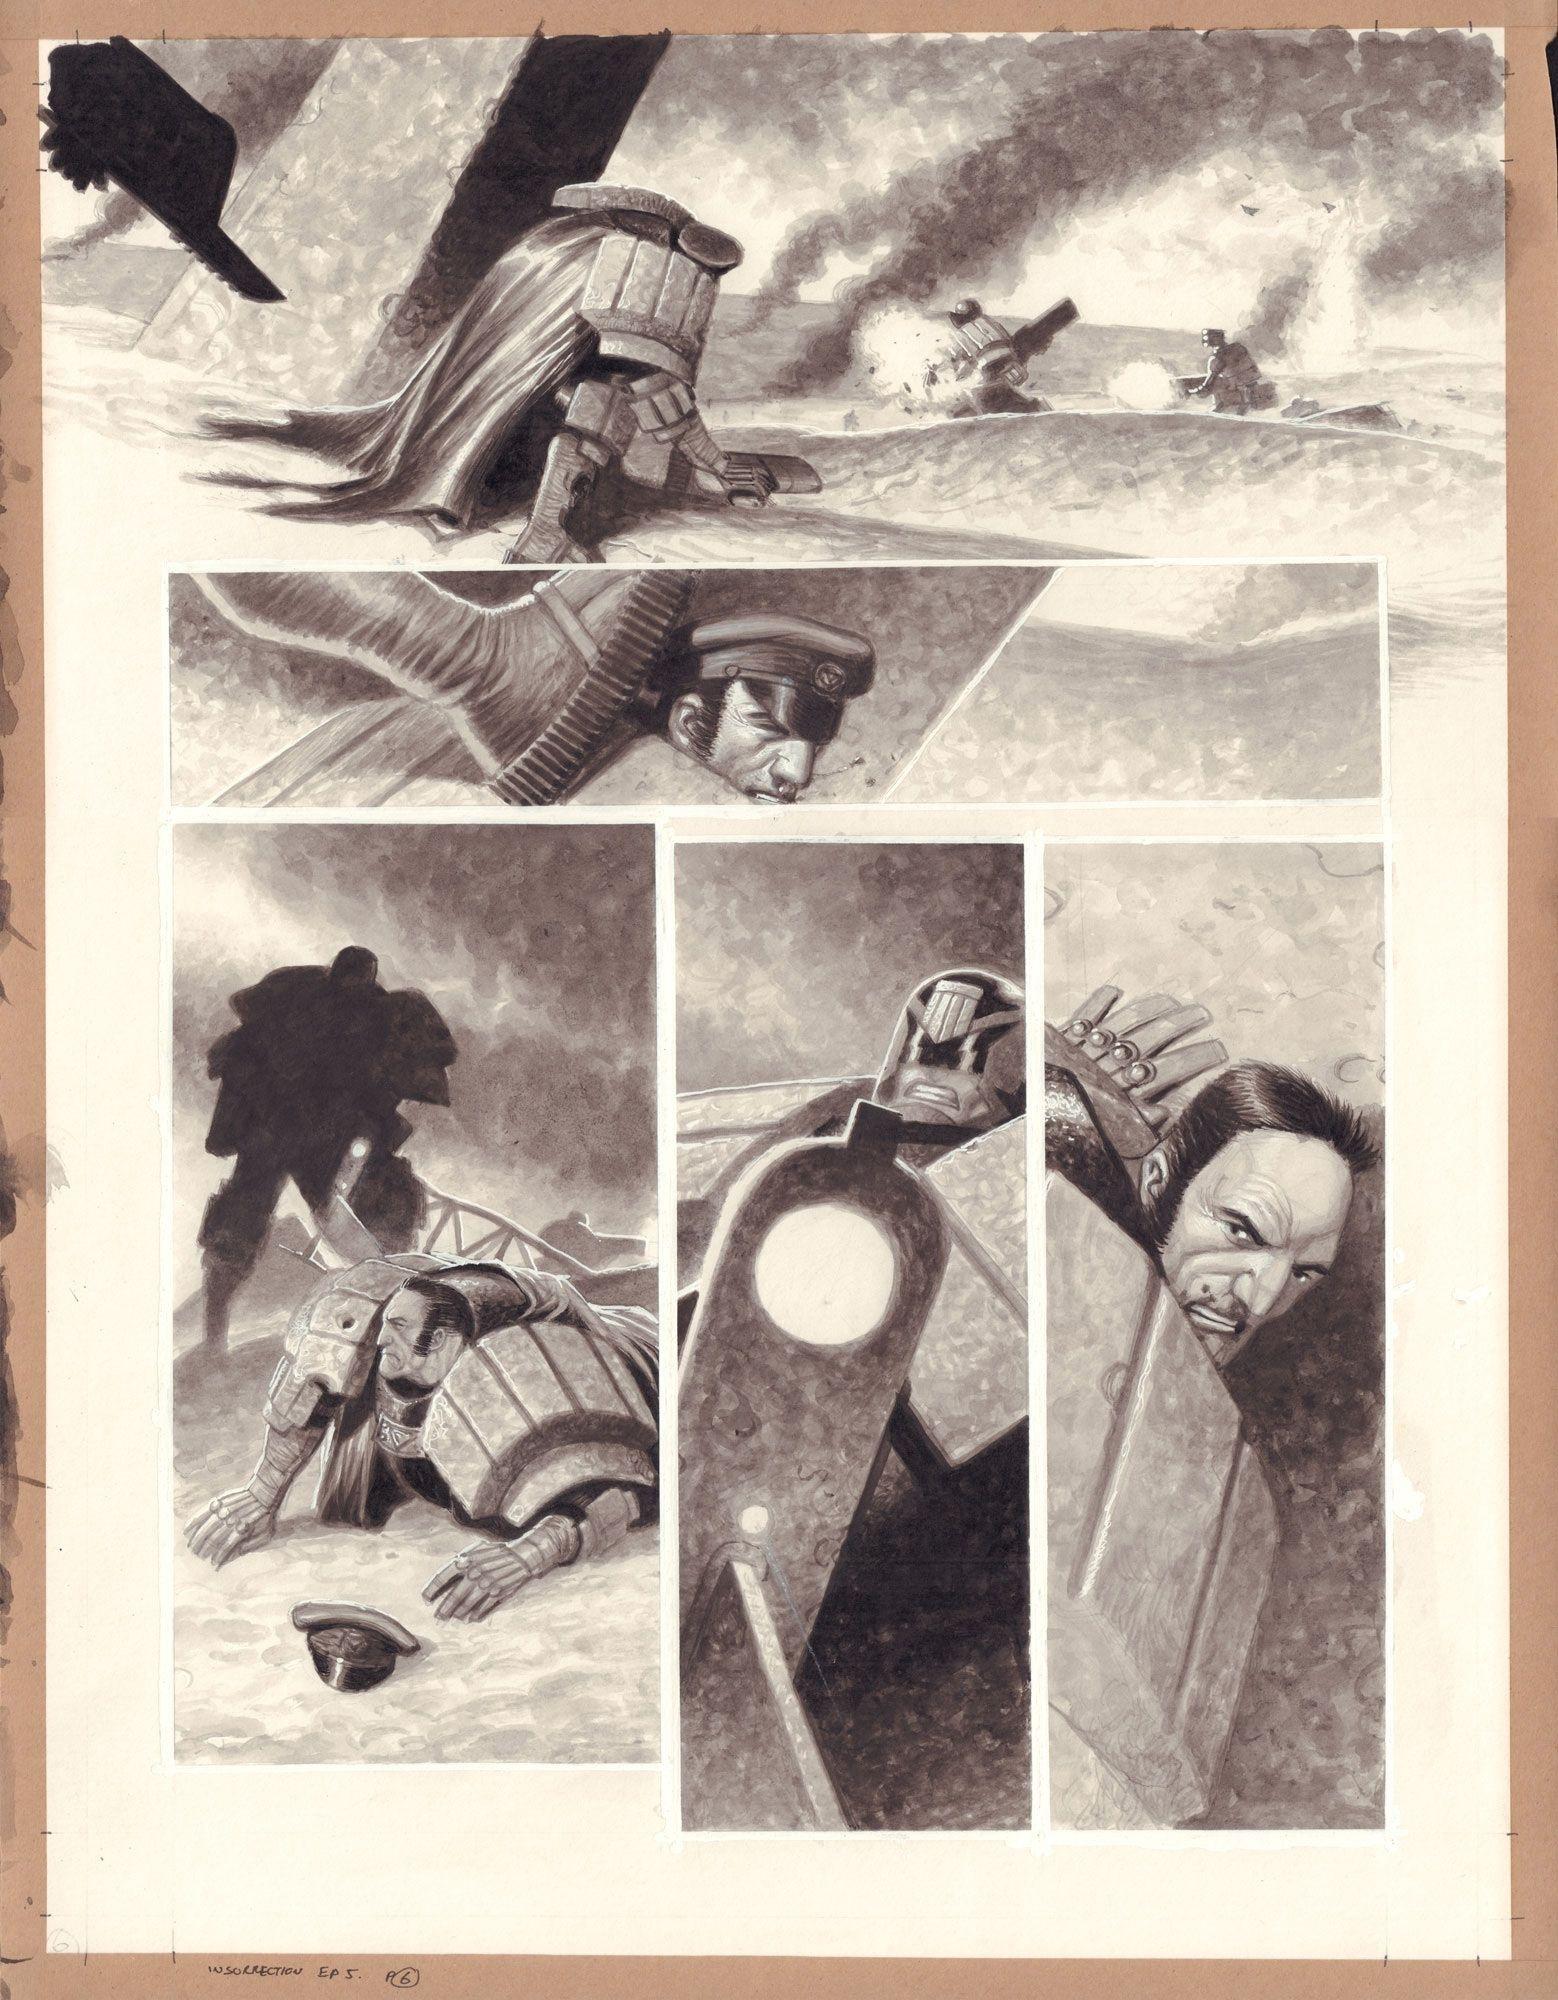 Judge Dredd: Insurrection 5, s. 6